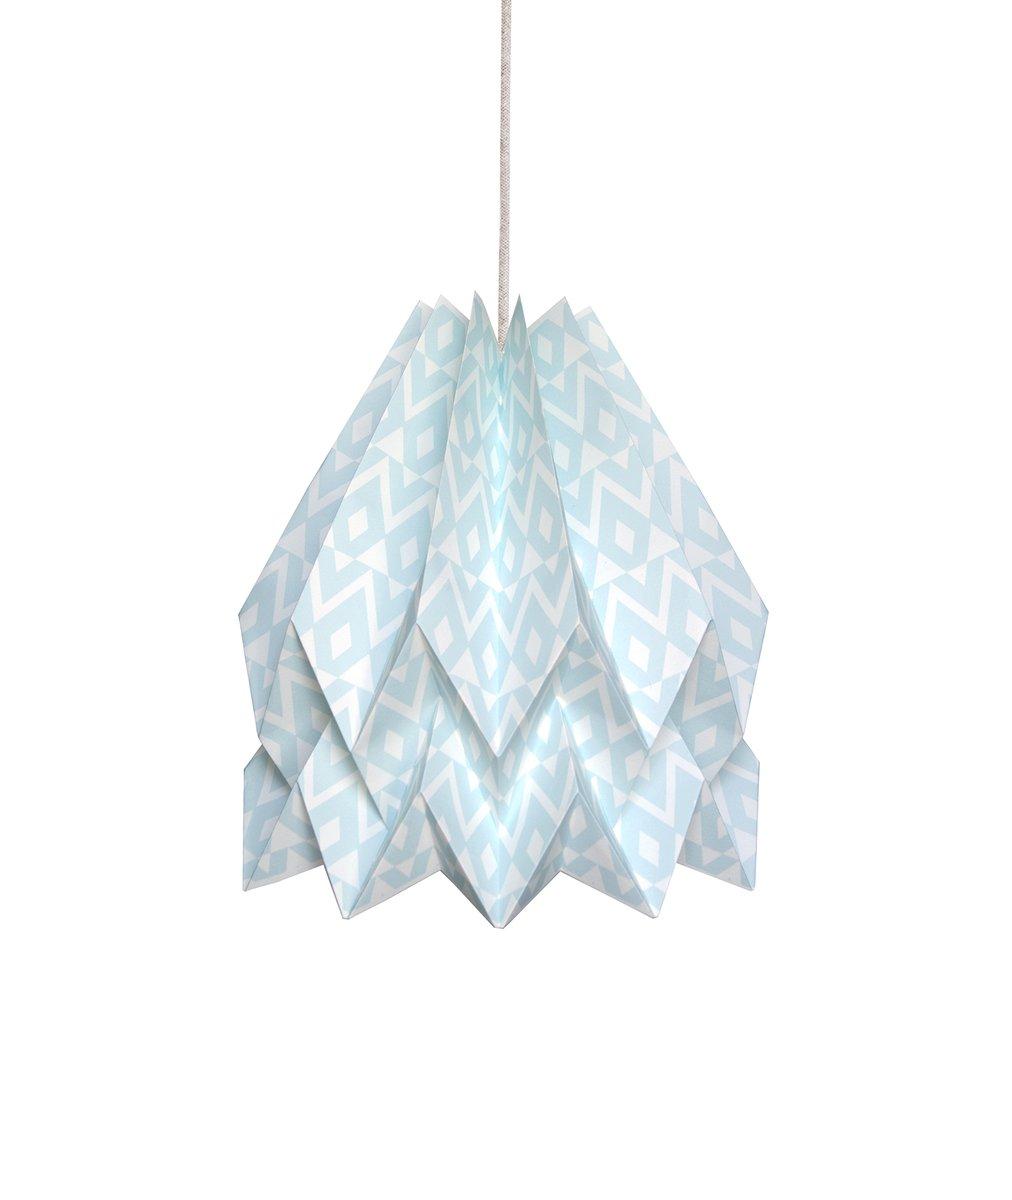 Tupi mintblaue Origami Lampe von Orikomi